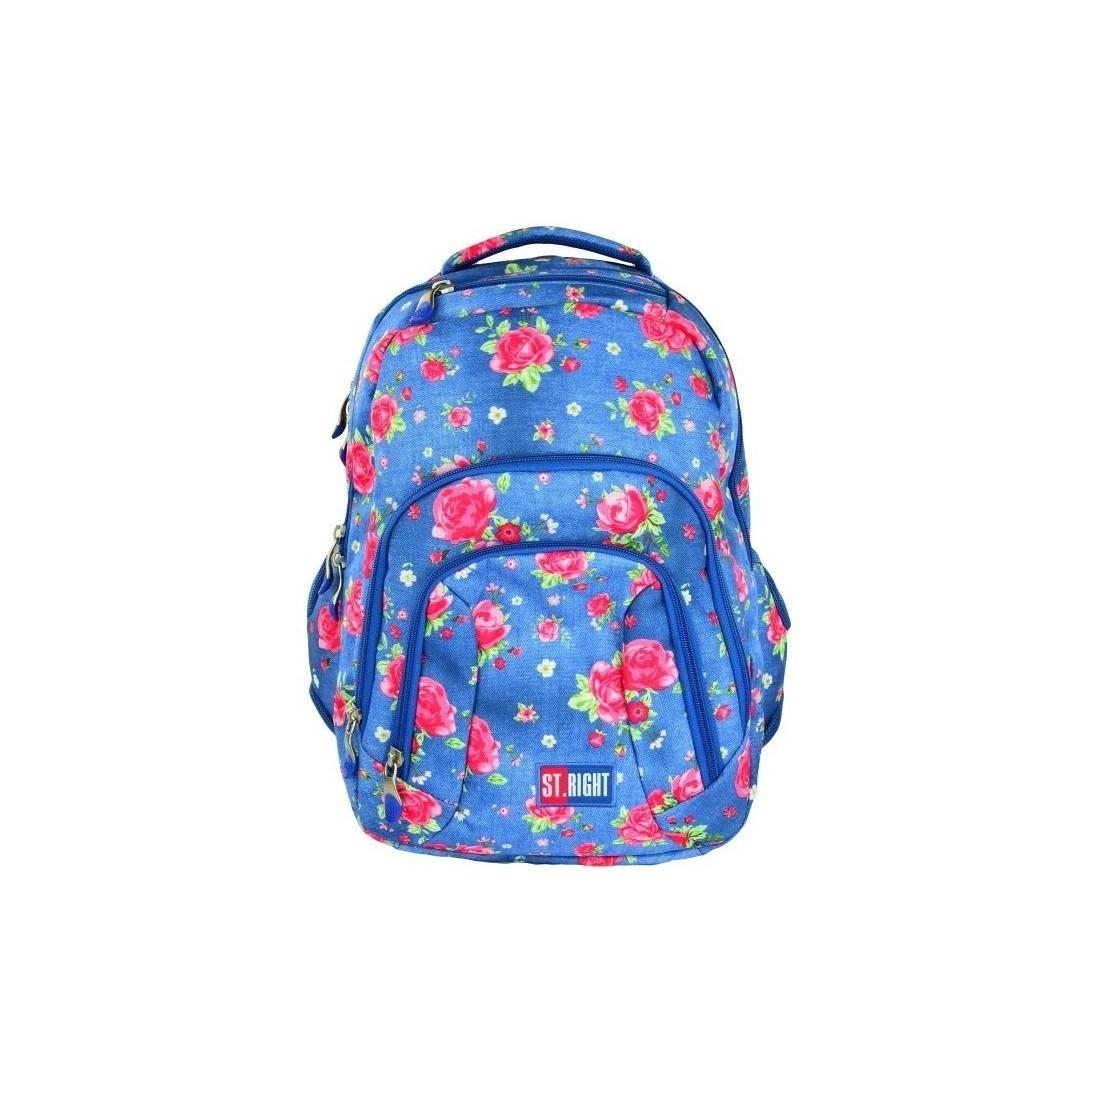 bbbdd82ab3127 Plecak szkolny młodzieżowy ST.RIGHT GARDEN dla dziewczynki - plecak -tornister.pl